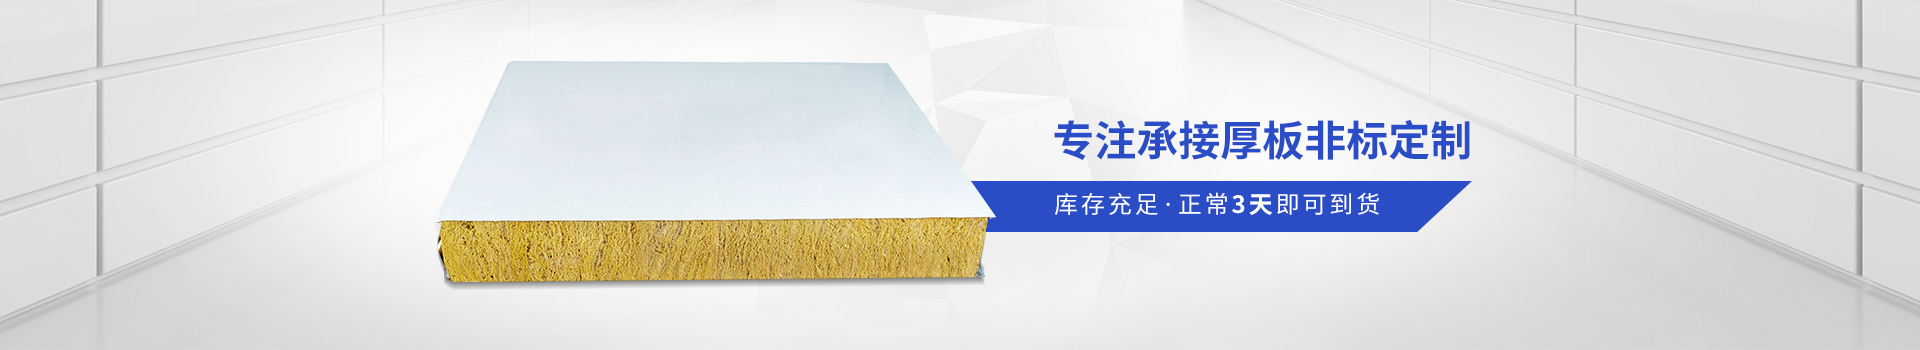 联合冠业涂装保温板-专注承接厚板非标定制